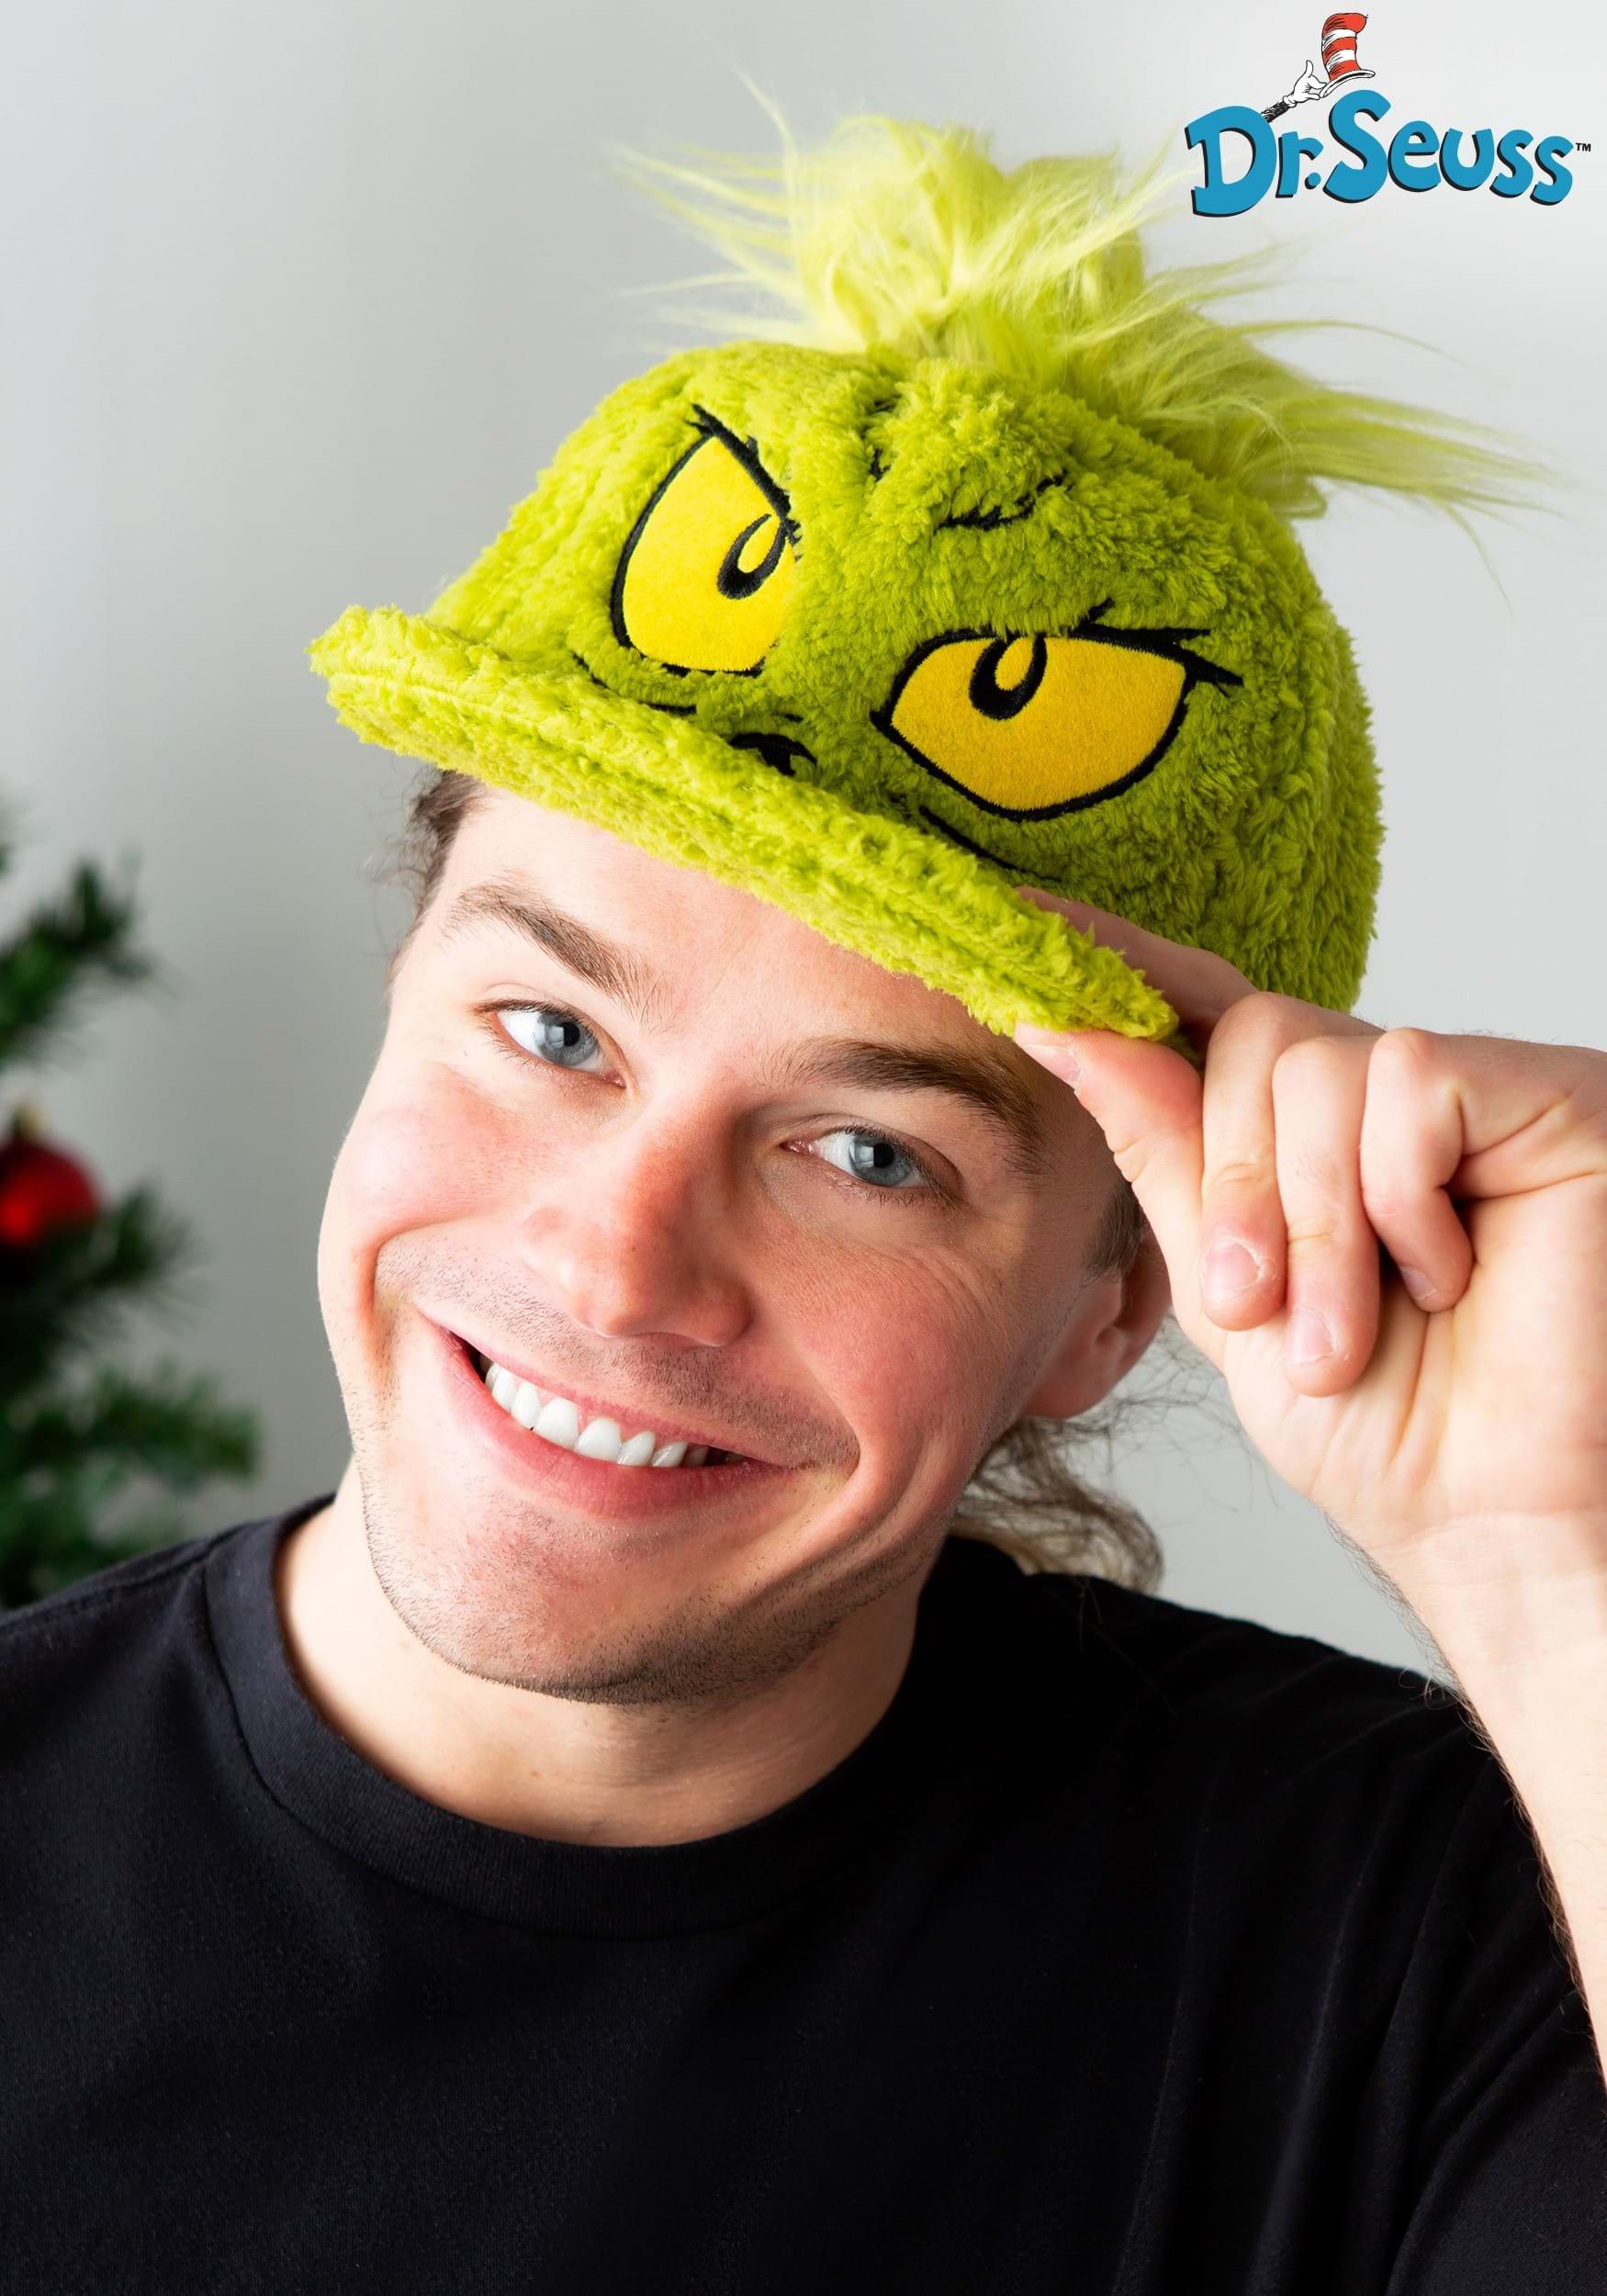 Dr. Seuss Grinch Fuzzy Hat bbfd0054f2c